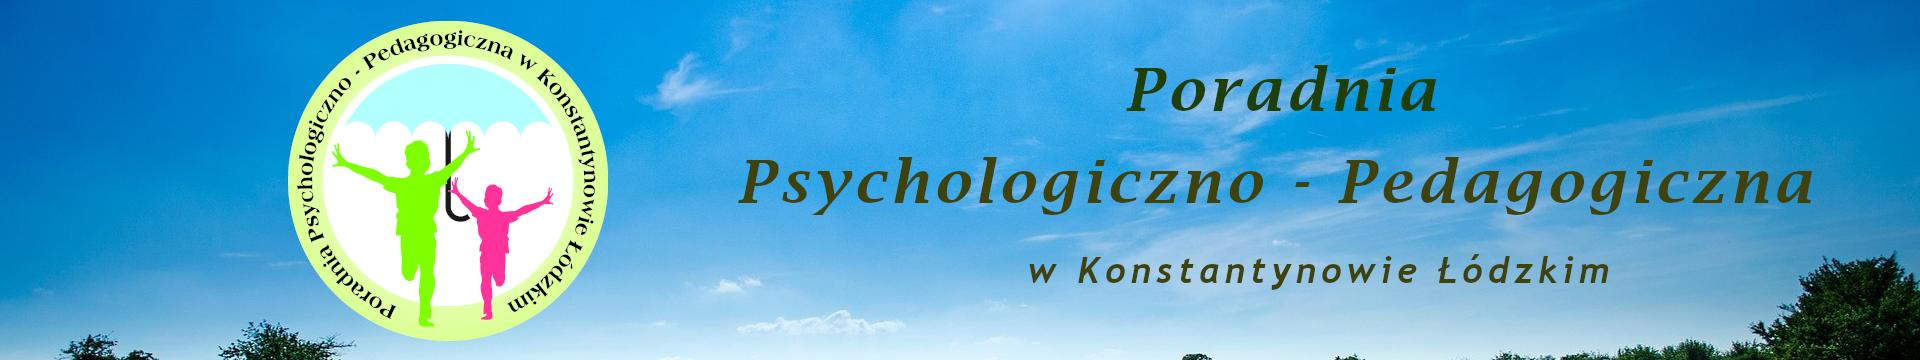 Poradnia Psychologiczno-Pedagogiczna w Konstantynowie Łódzkim